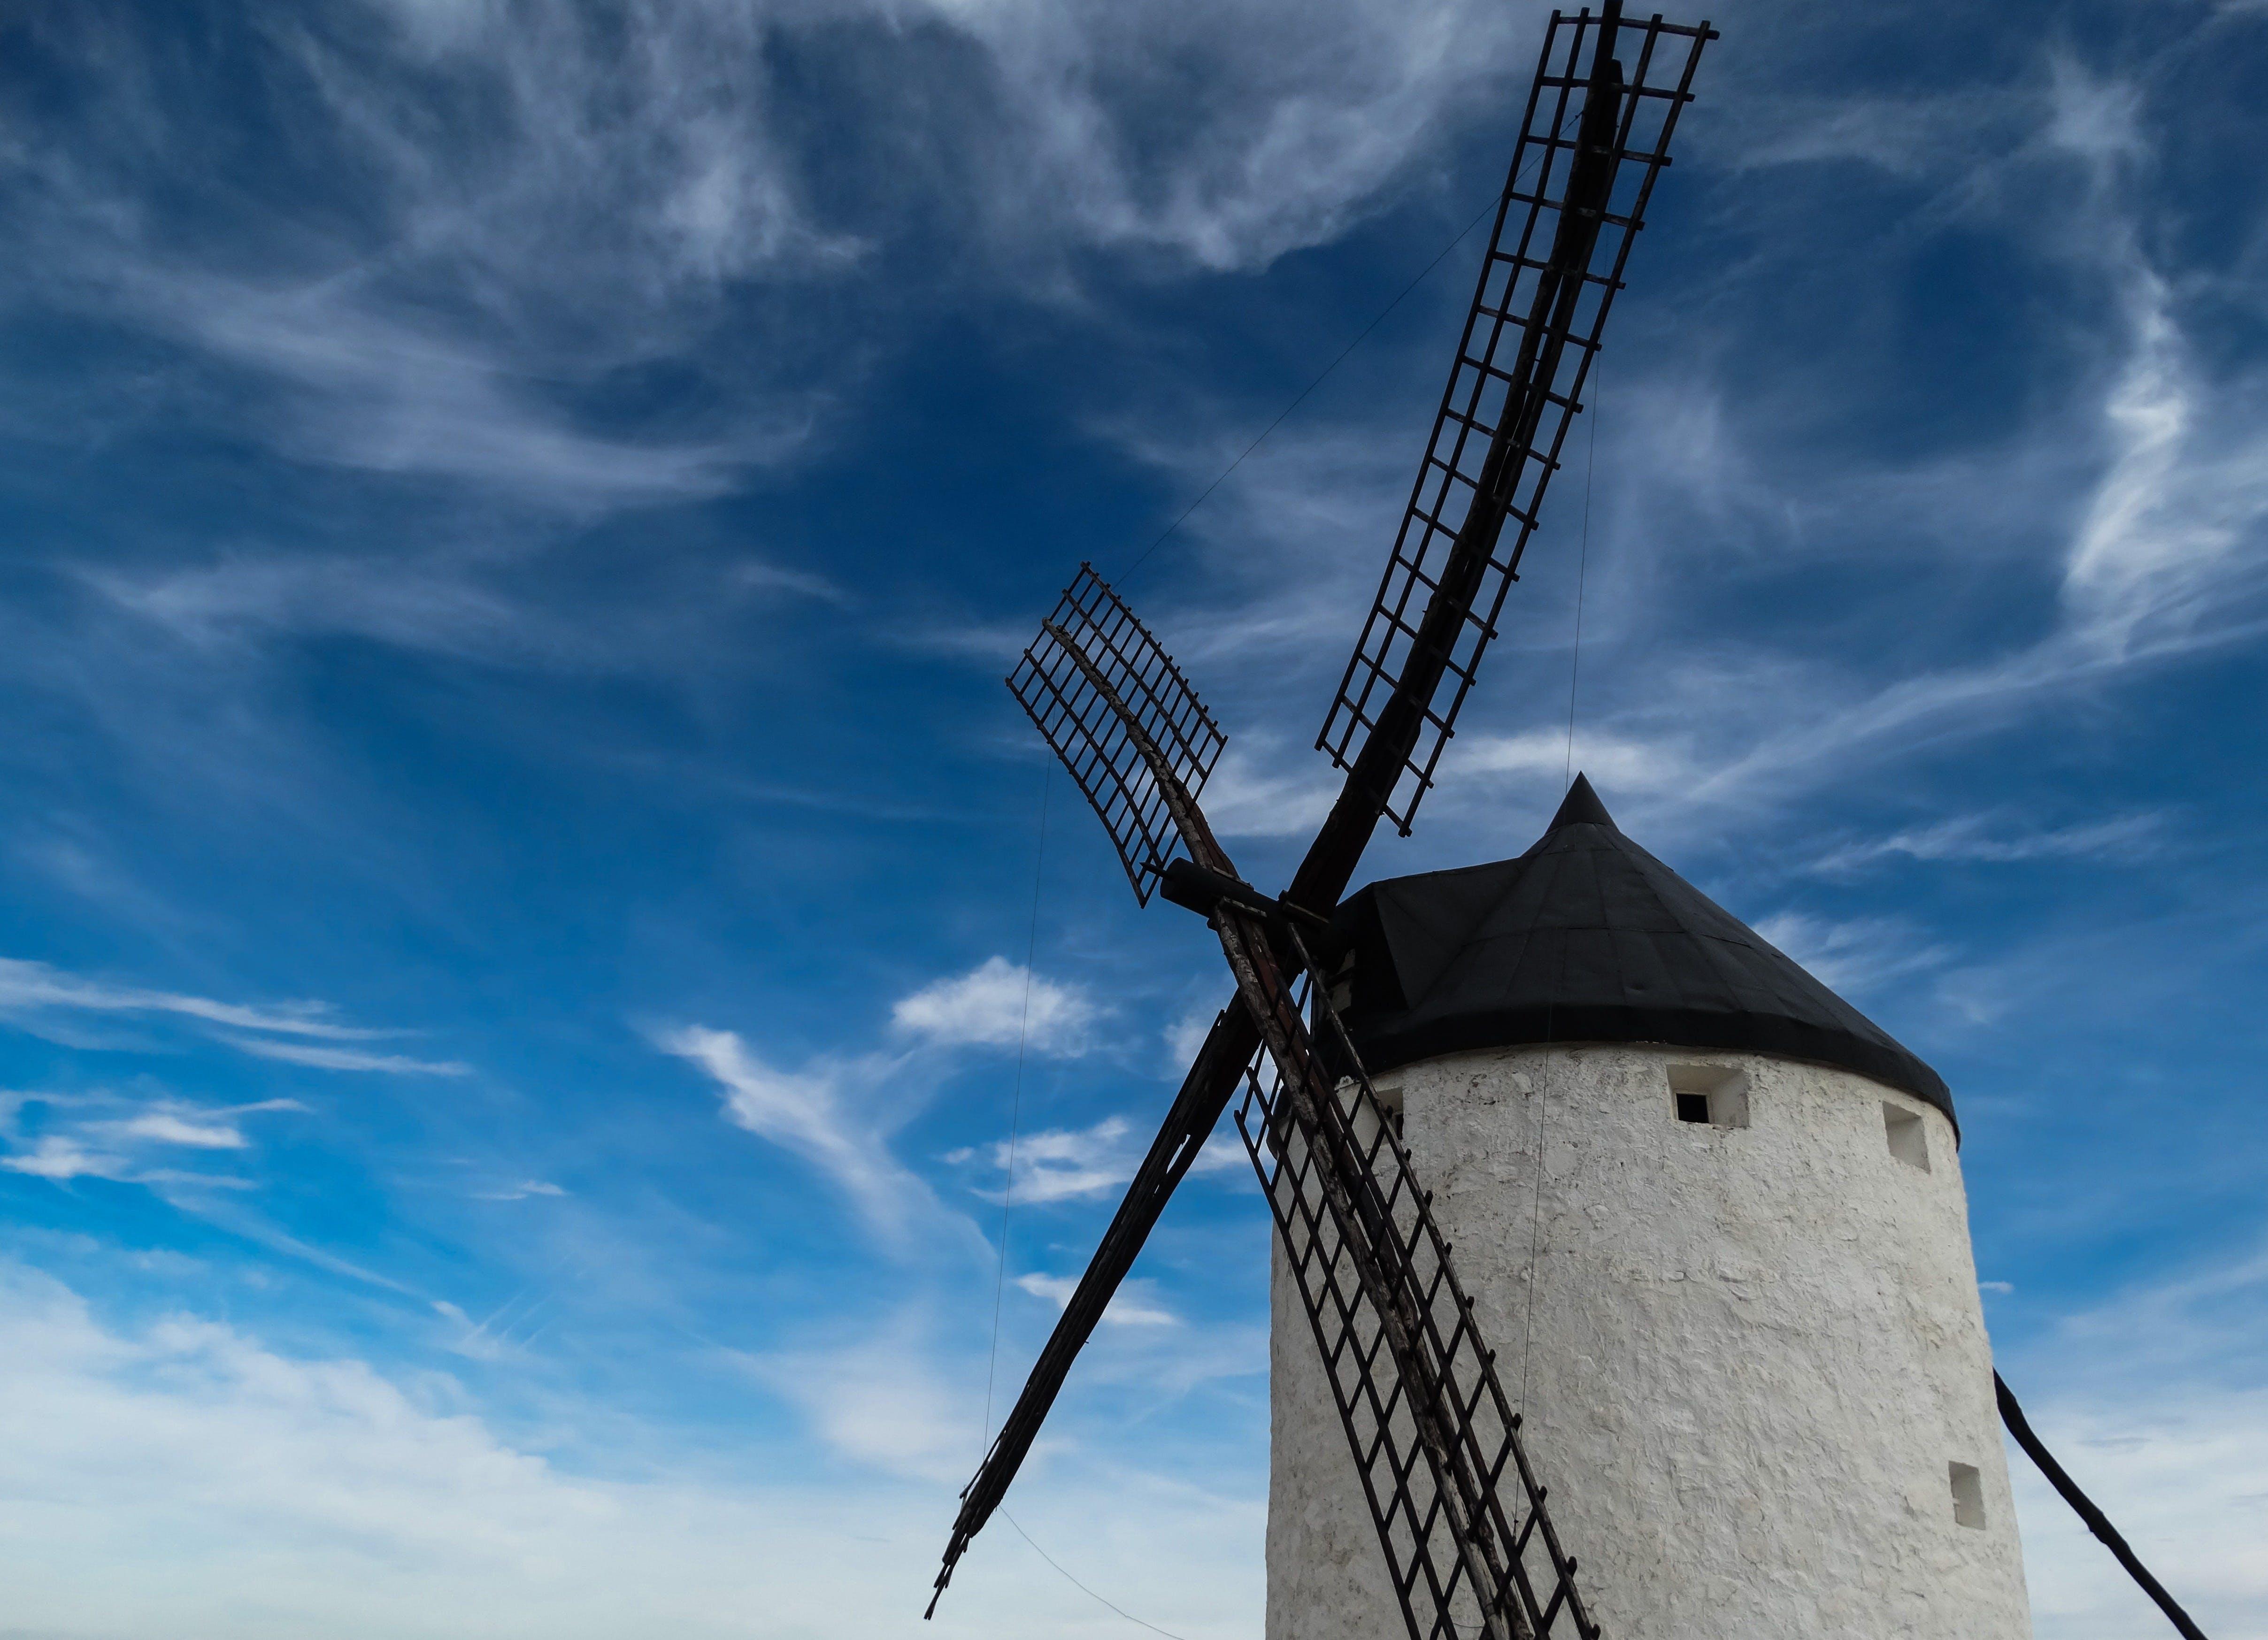 Fotos de stock gratuitas de cielo, molino de viento, nubes, turbina eólica